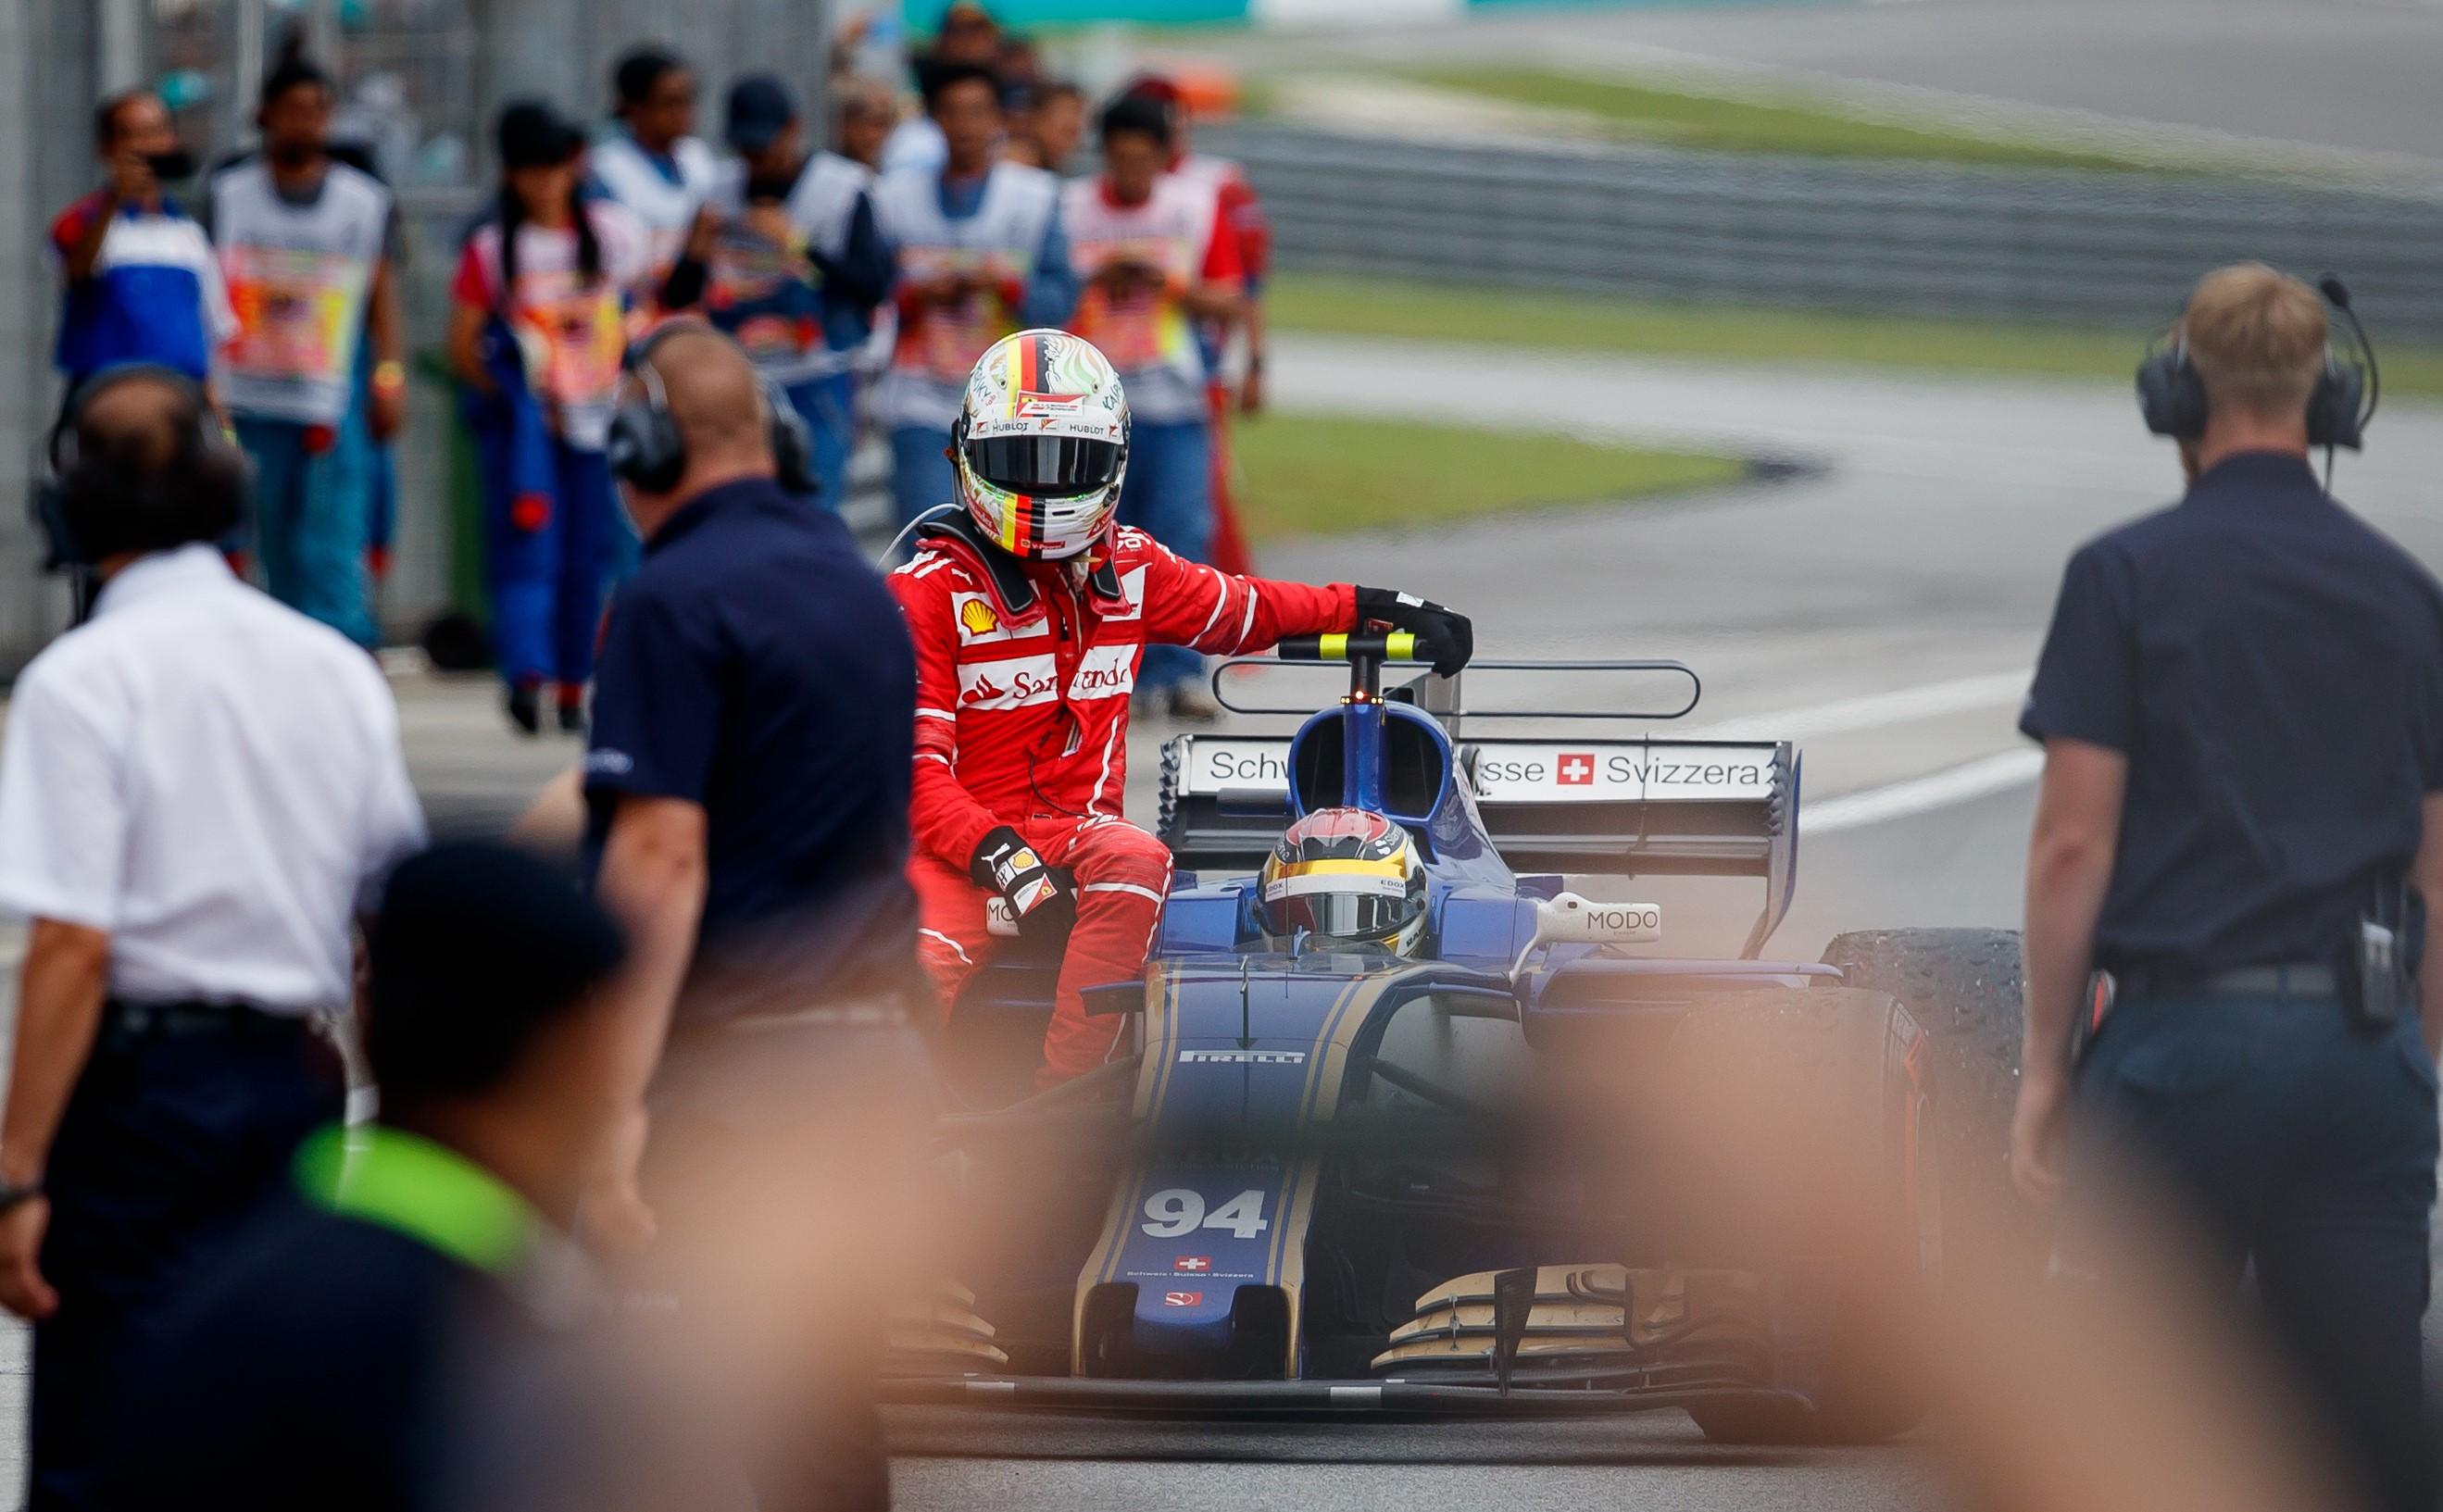 Sebastian Vettel (Ferrari) au Grand Prix de Malaisie 2017